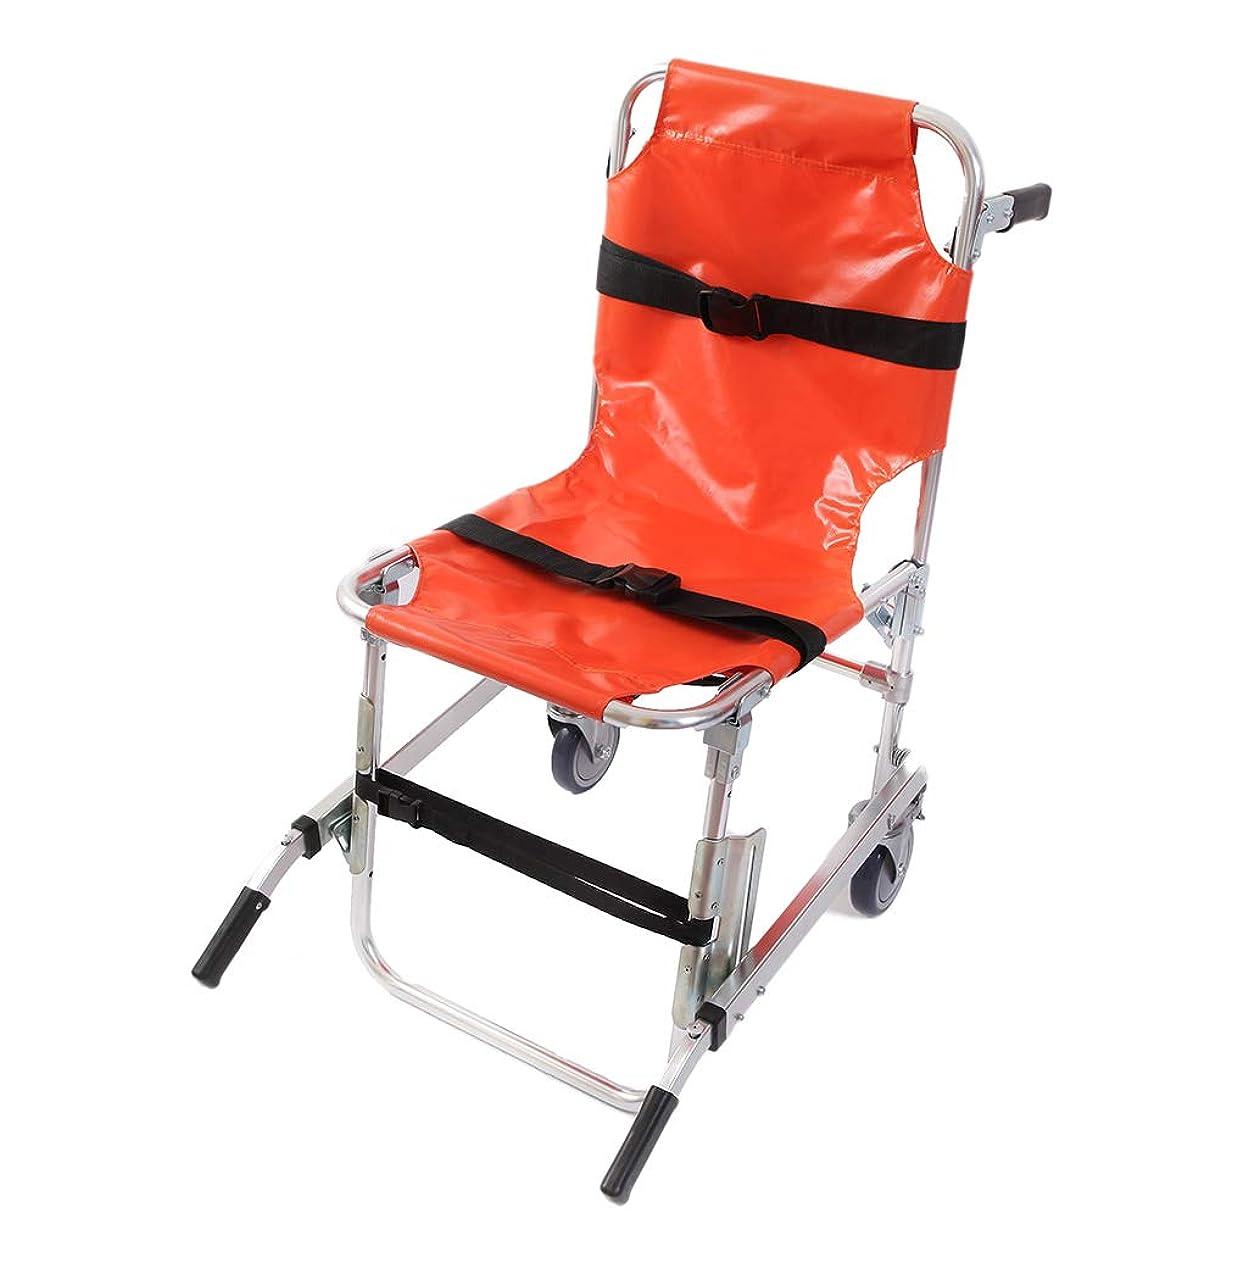 雄弁大学ワーディアンケースEMS階段椅子アルミ軽量2輪医療輸送チェア患者拘束ストラップ付き350ポンドの容量